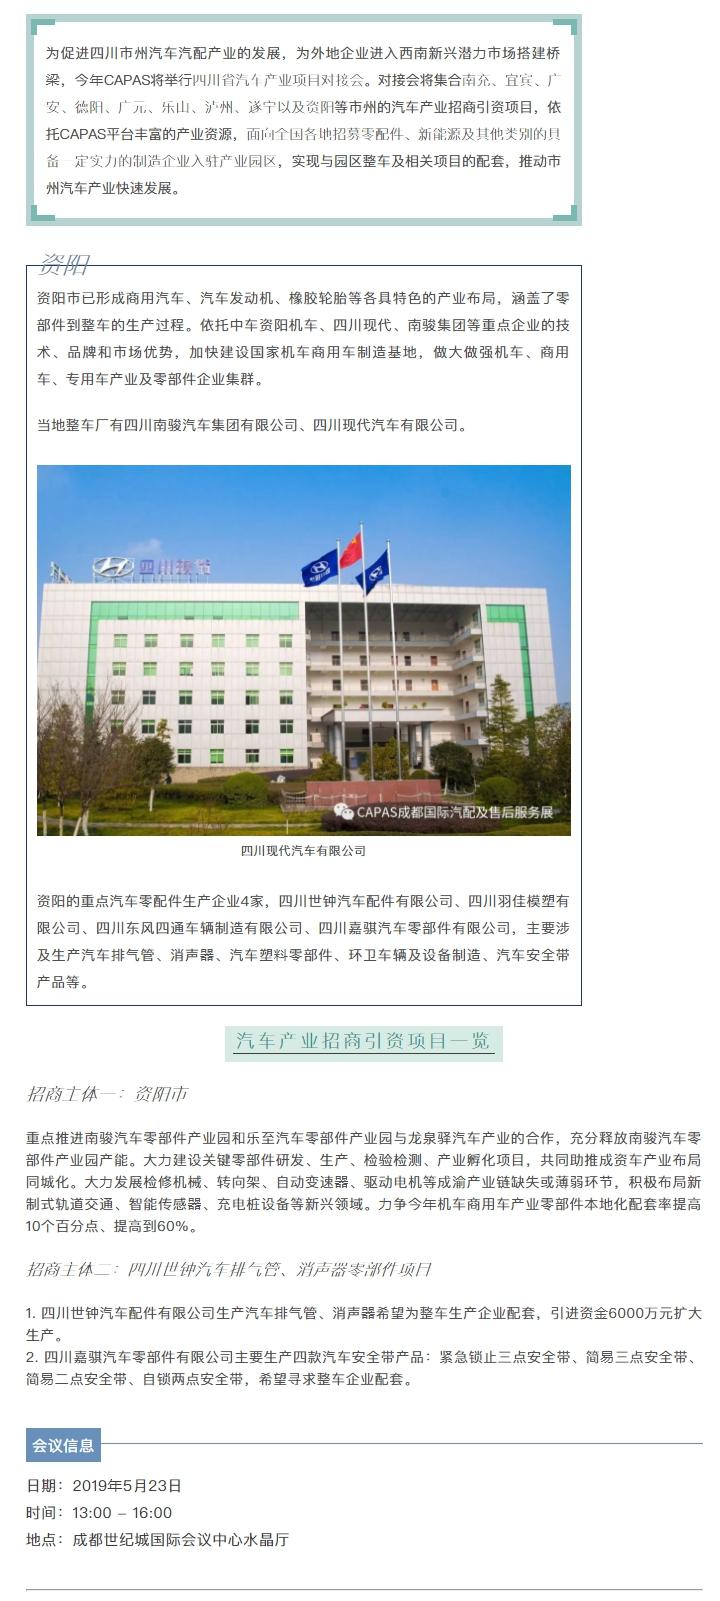 资阳_WPS图片.jpg